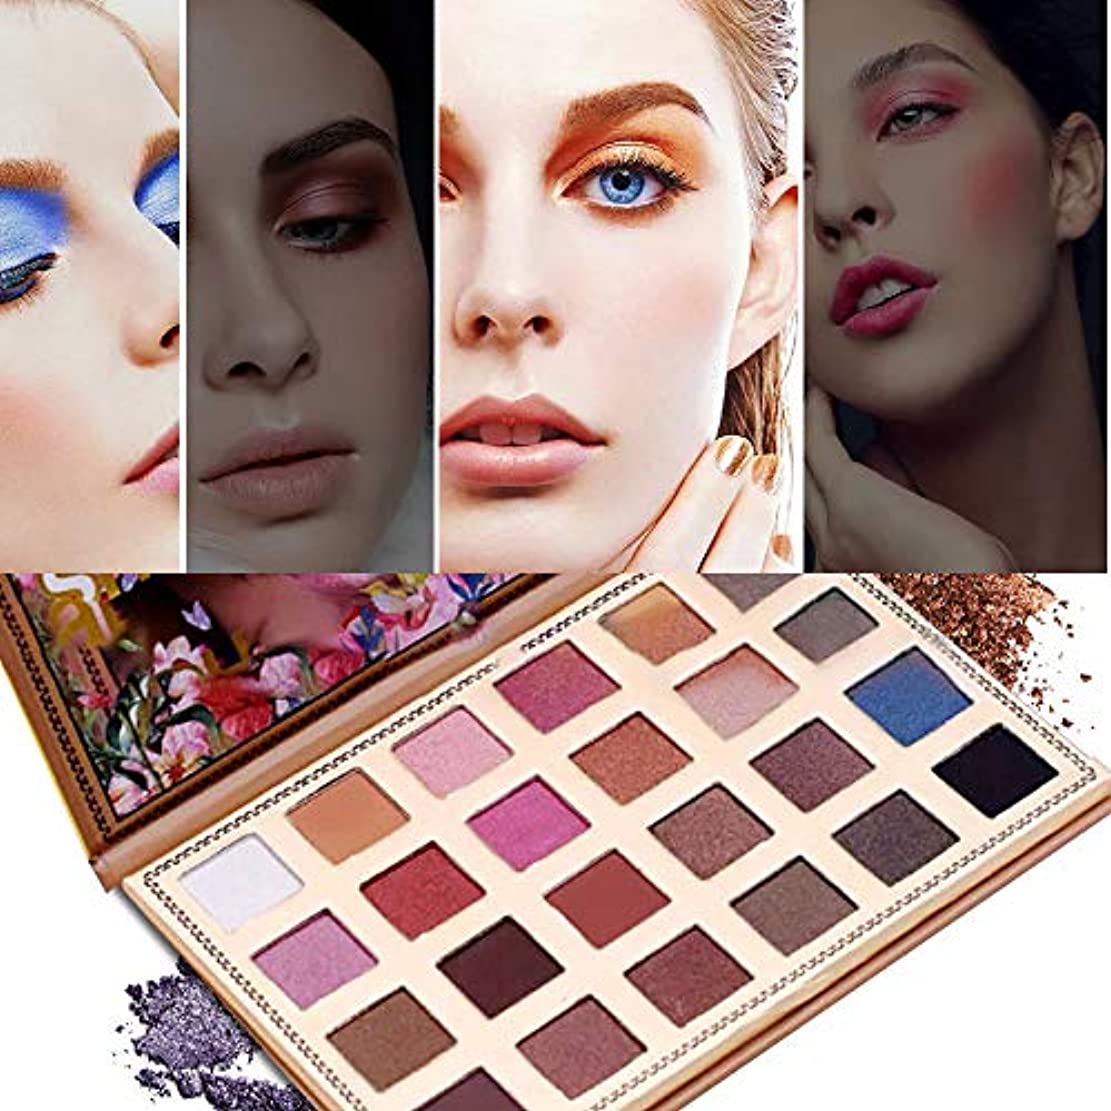 優勢アラブサラボアンソロジーAkane アイシャドウパレット Glamour beauty 人気 長持ち キラキラ 魅力的 真珠光沢 綺麗 チャーム ファッション おしゃれ 持ち便利 Eye Shadow (24色) YF9829